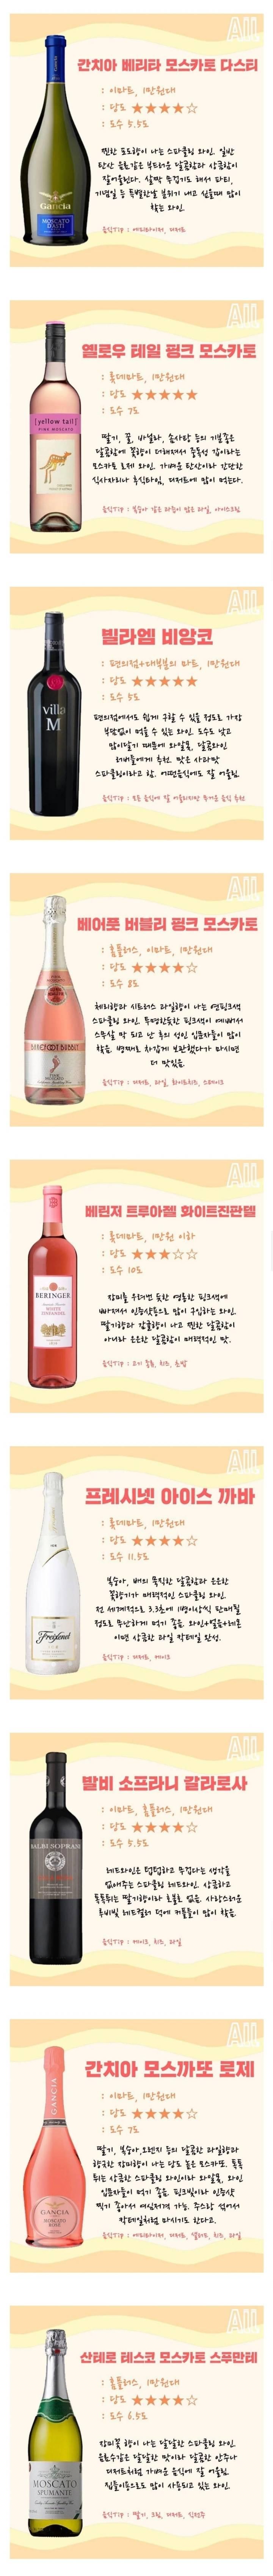 저렴한 와인 추천 | 인스티즈